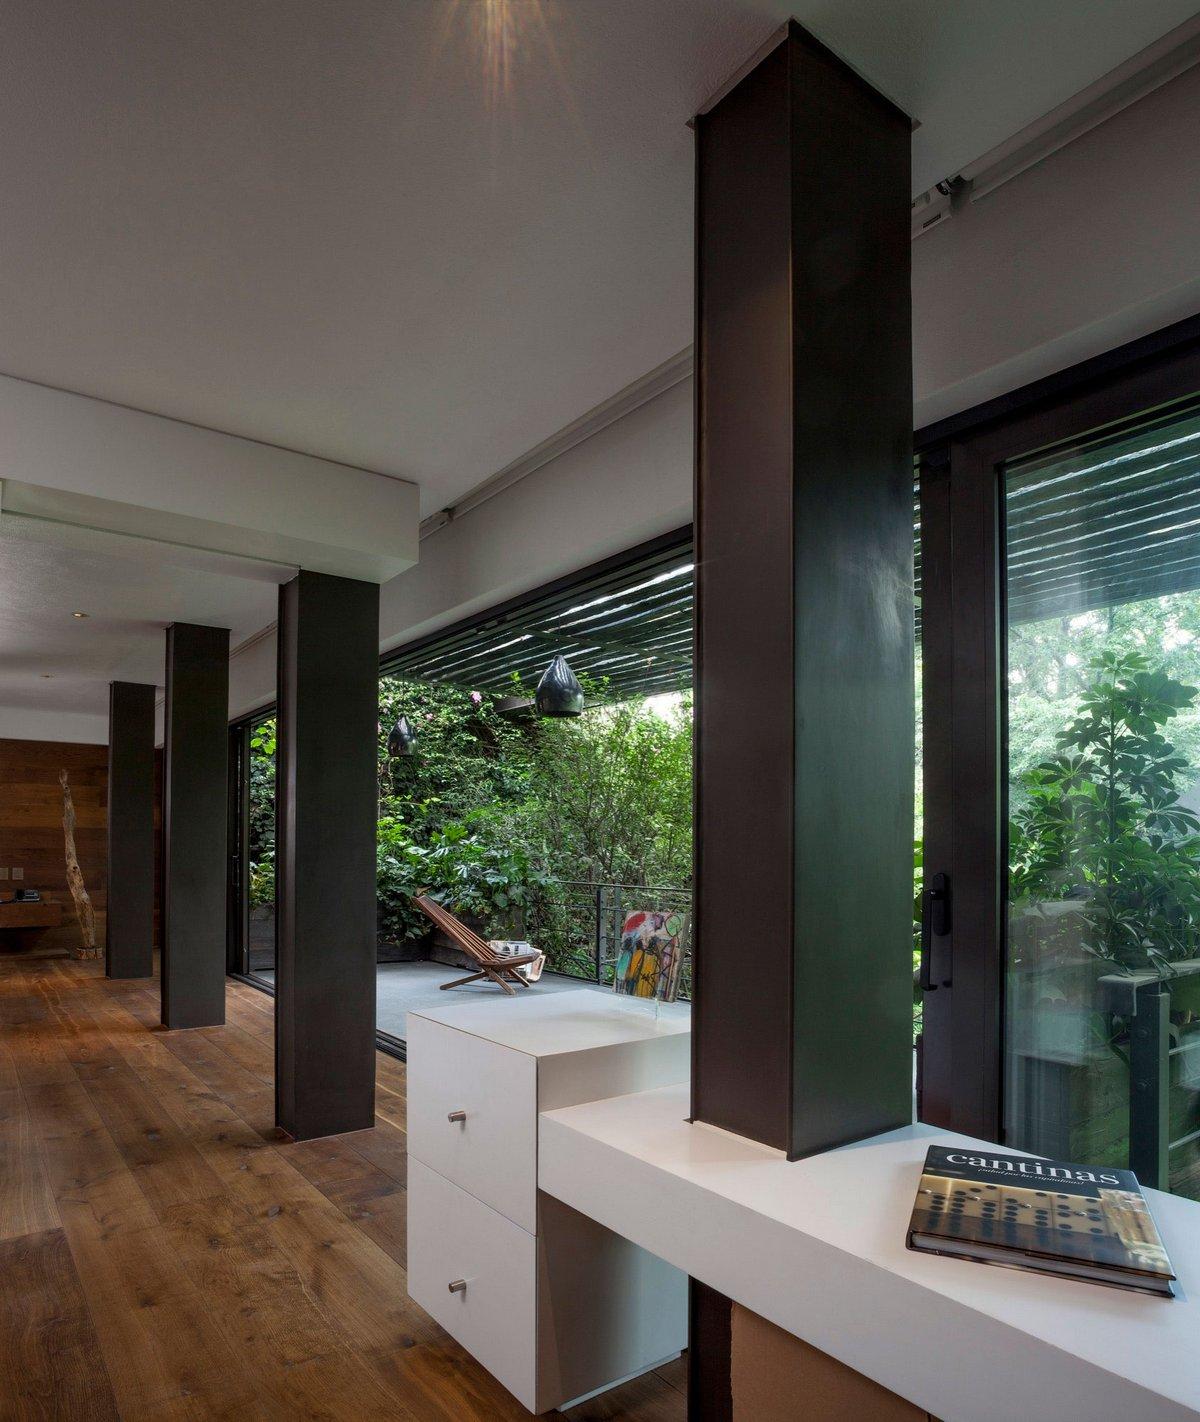 Колонны в интерьере частного дома